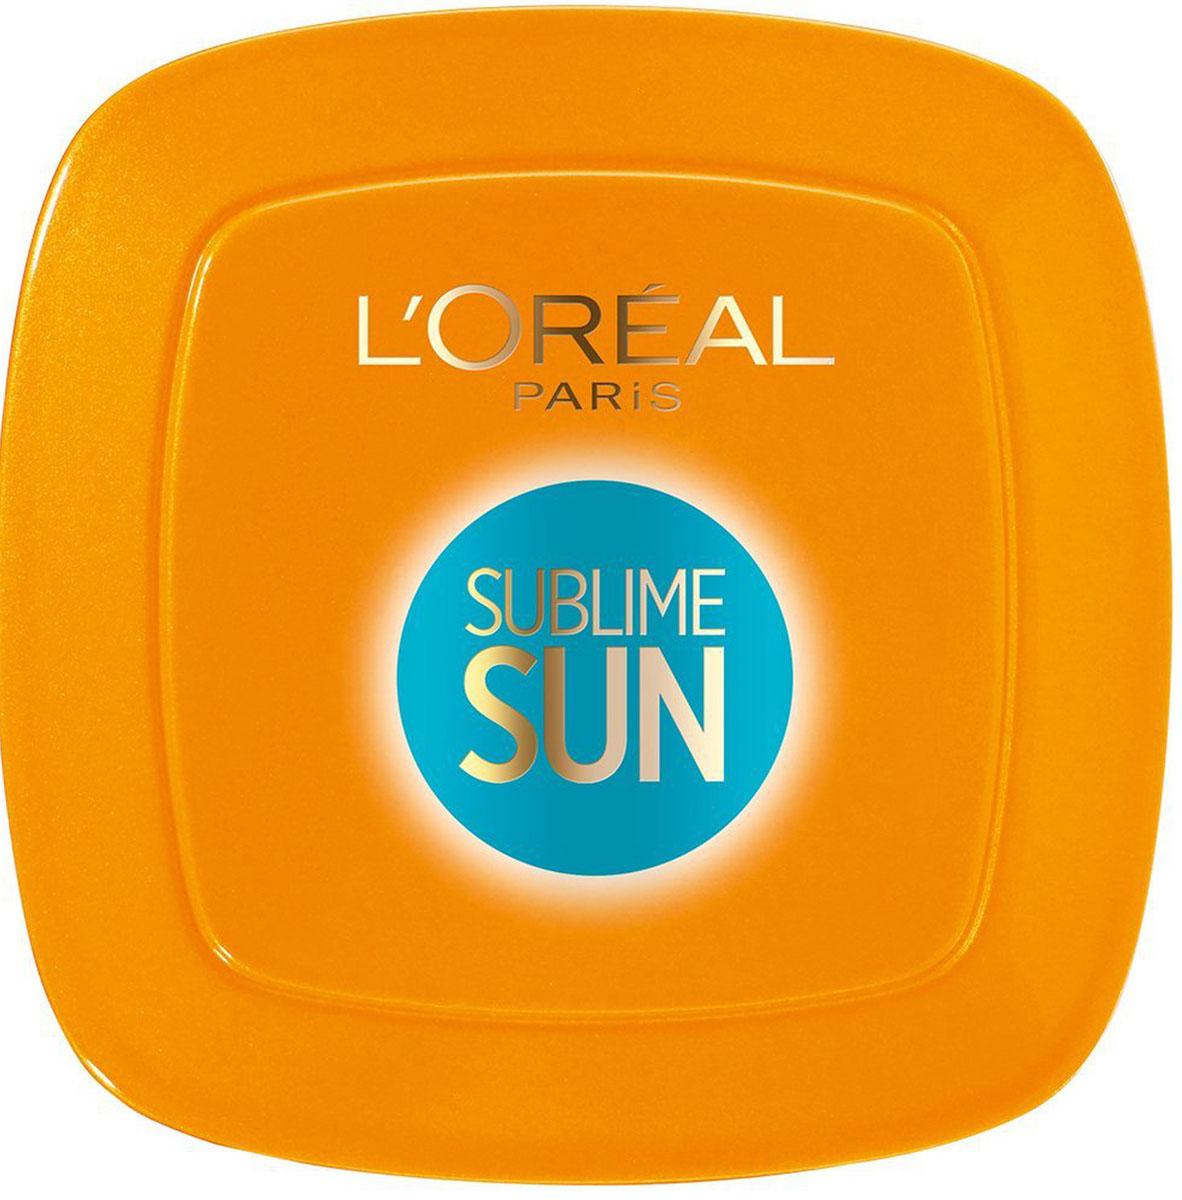 LOreal Paris Sublime Sun Компактная пудра Загар и защита, SPF 30, 9 гр078-054-797972Компактная солнцезащитная пудра для лица и зоны декольте, SPF 30, гипоаллергенная, некомедогенная. Соответствует европейским рекомендациям по защите здоровья кожи от вредного воздействия лучей UVA/UVB. Система фильтров Mexoryl XL. Формула насыщена минеральными пигментами для красивой кожи мгновенно. Мгновенный безупречный результат. Естественная, ровная матовая кожа. Спонж + зеркало внутри.